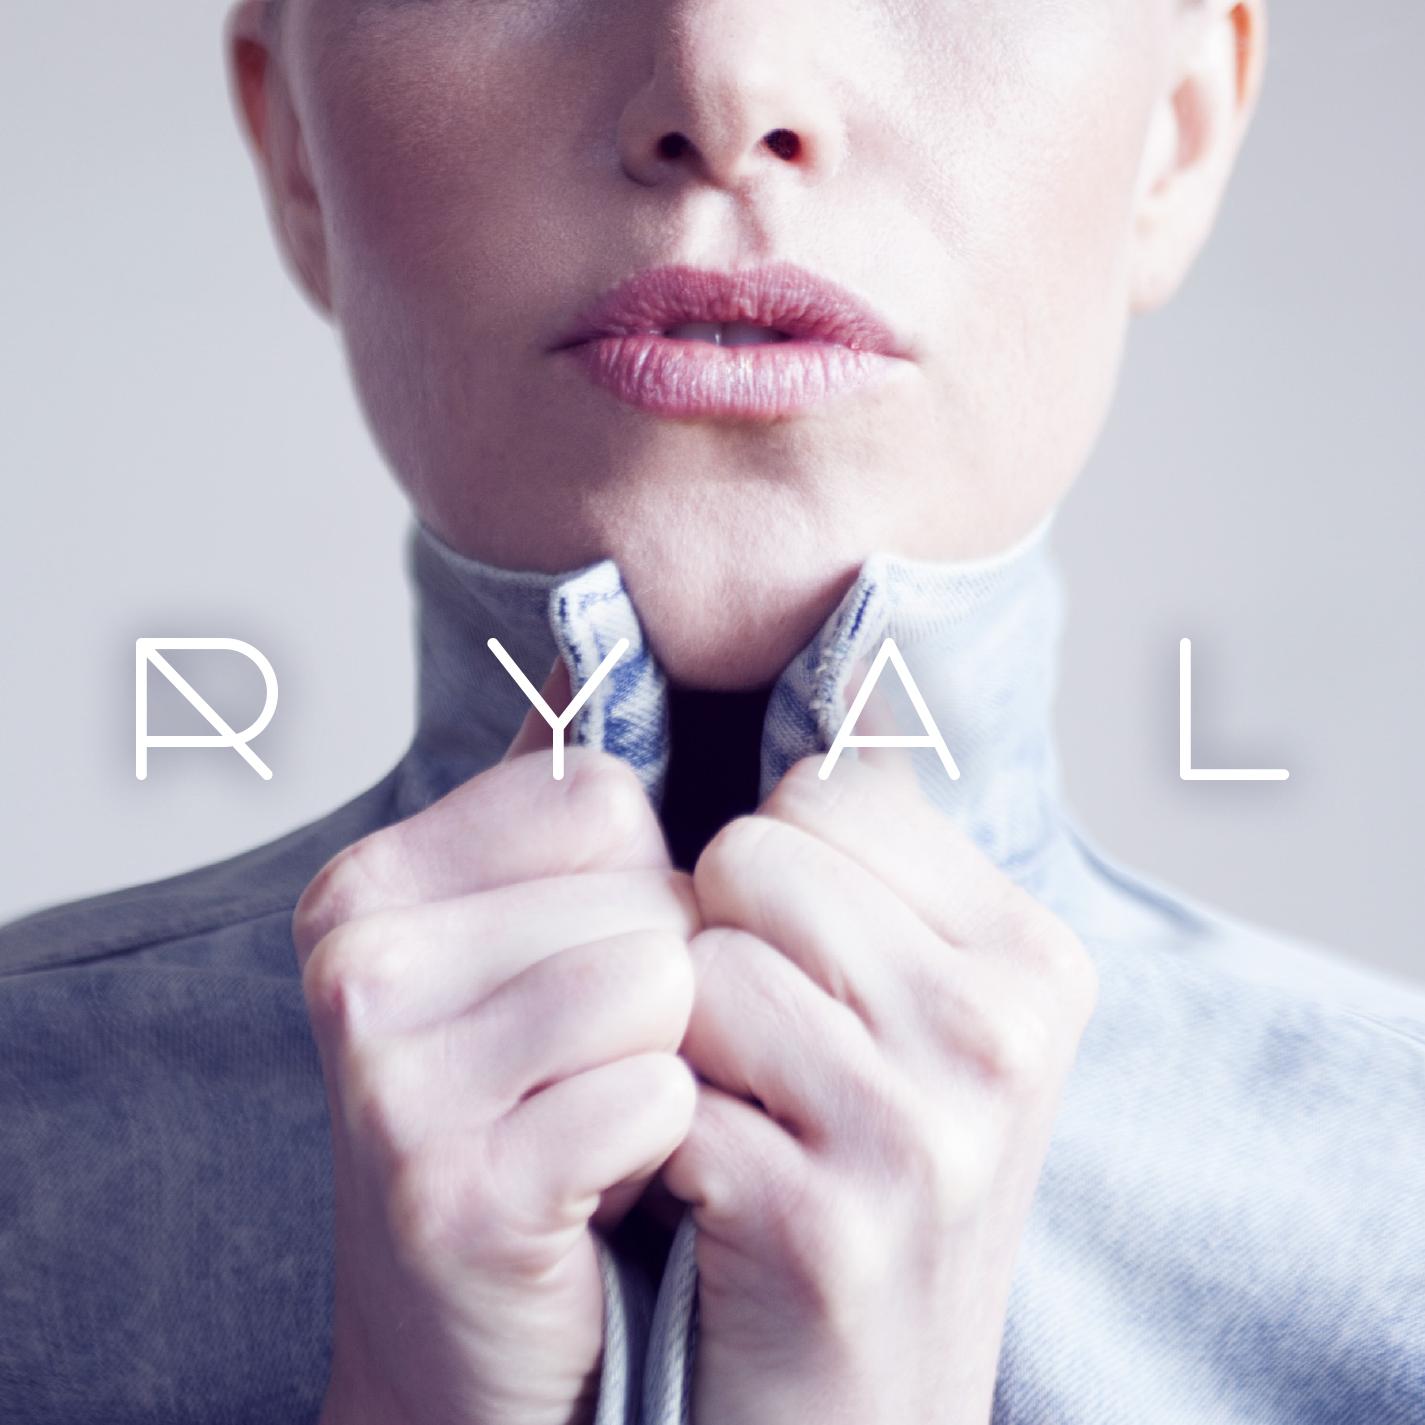 RYAL - RYAL EP